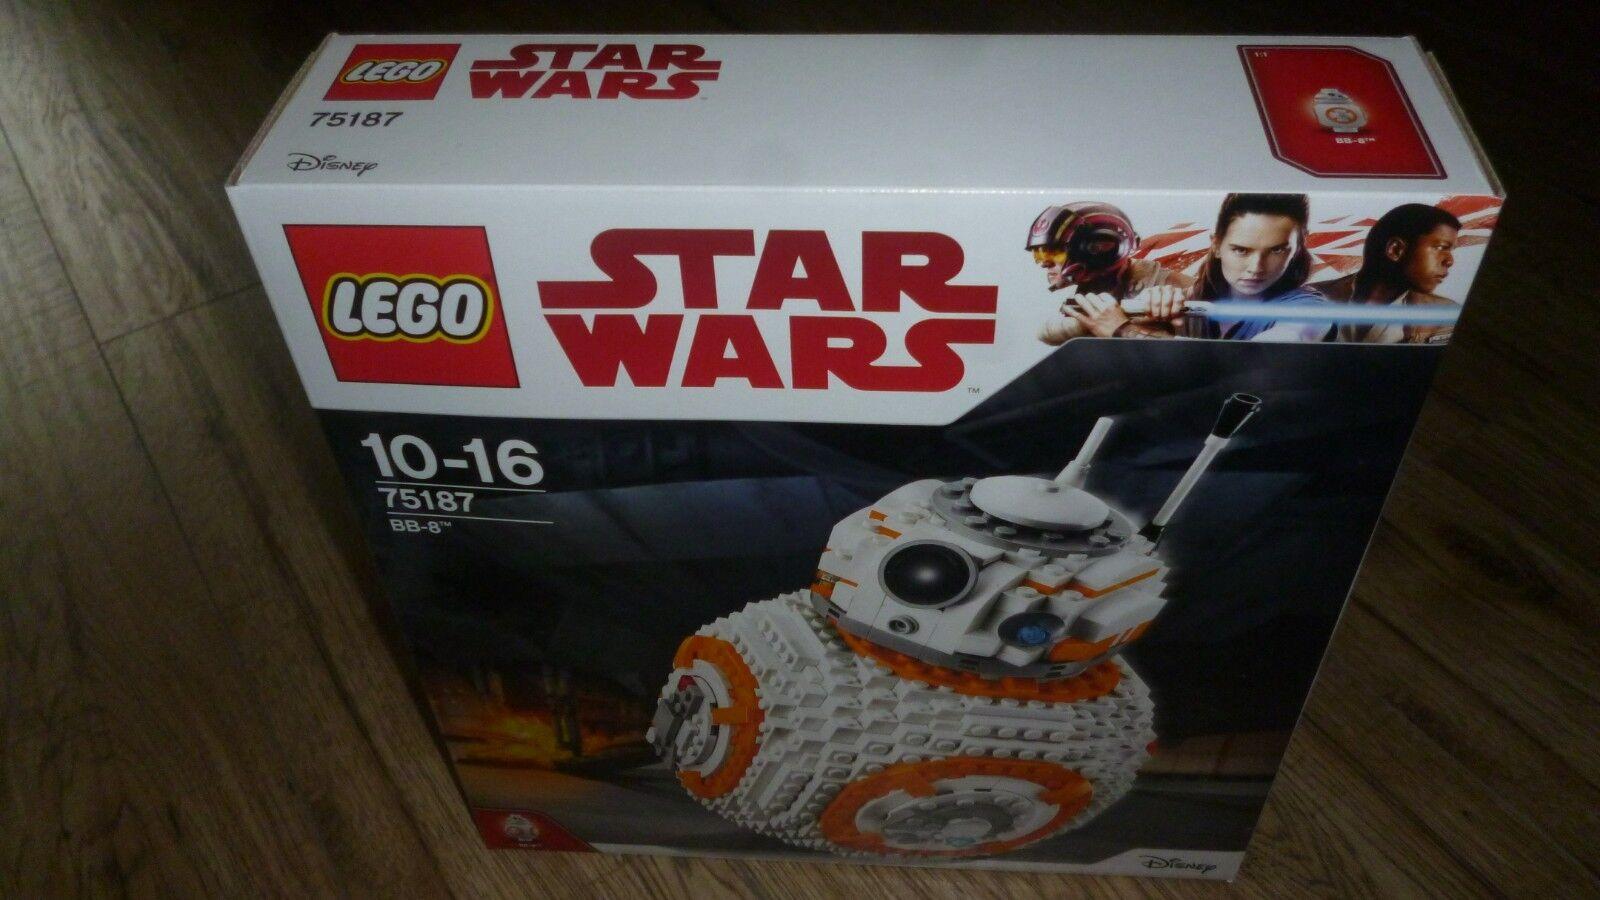 LEGO Star Wars BB-8 75187 released 2017 SEALED BOX BNIB